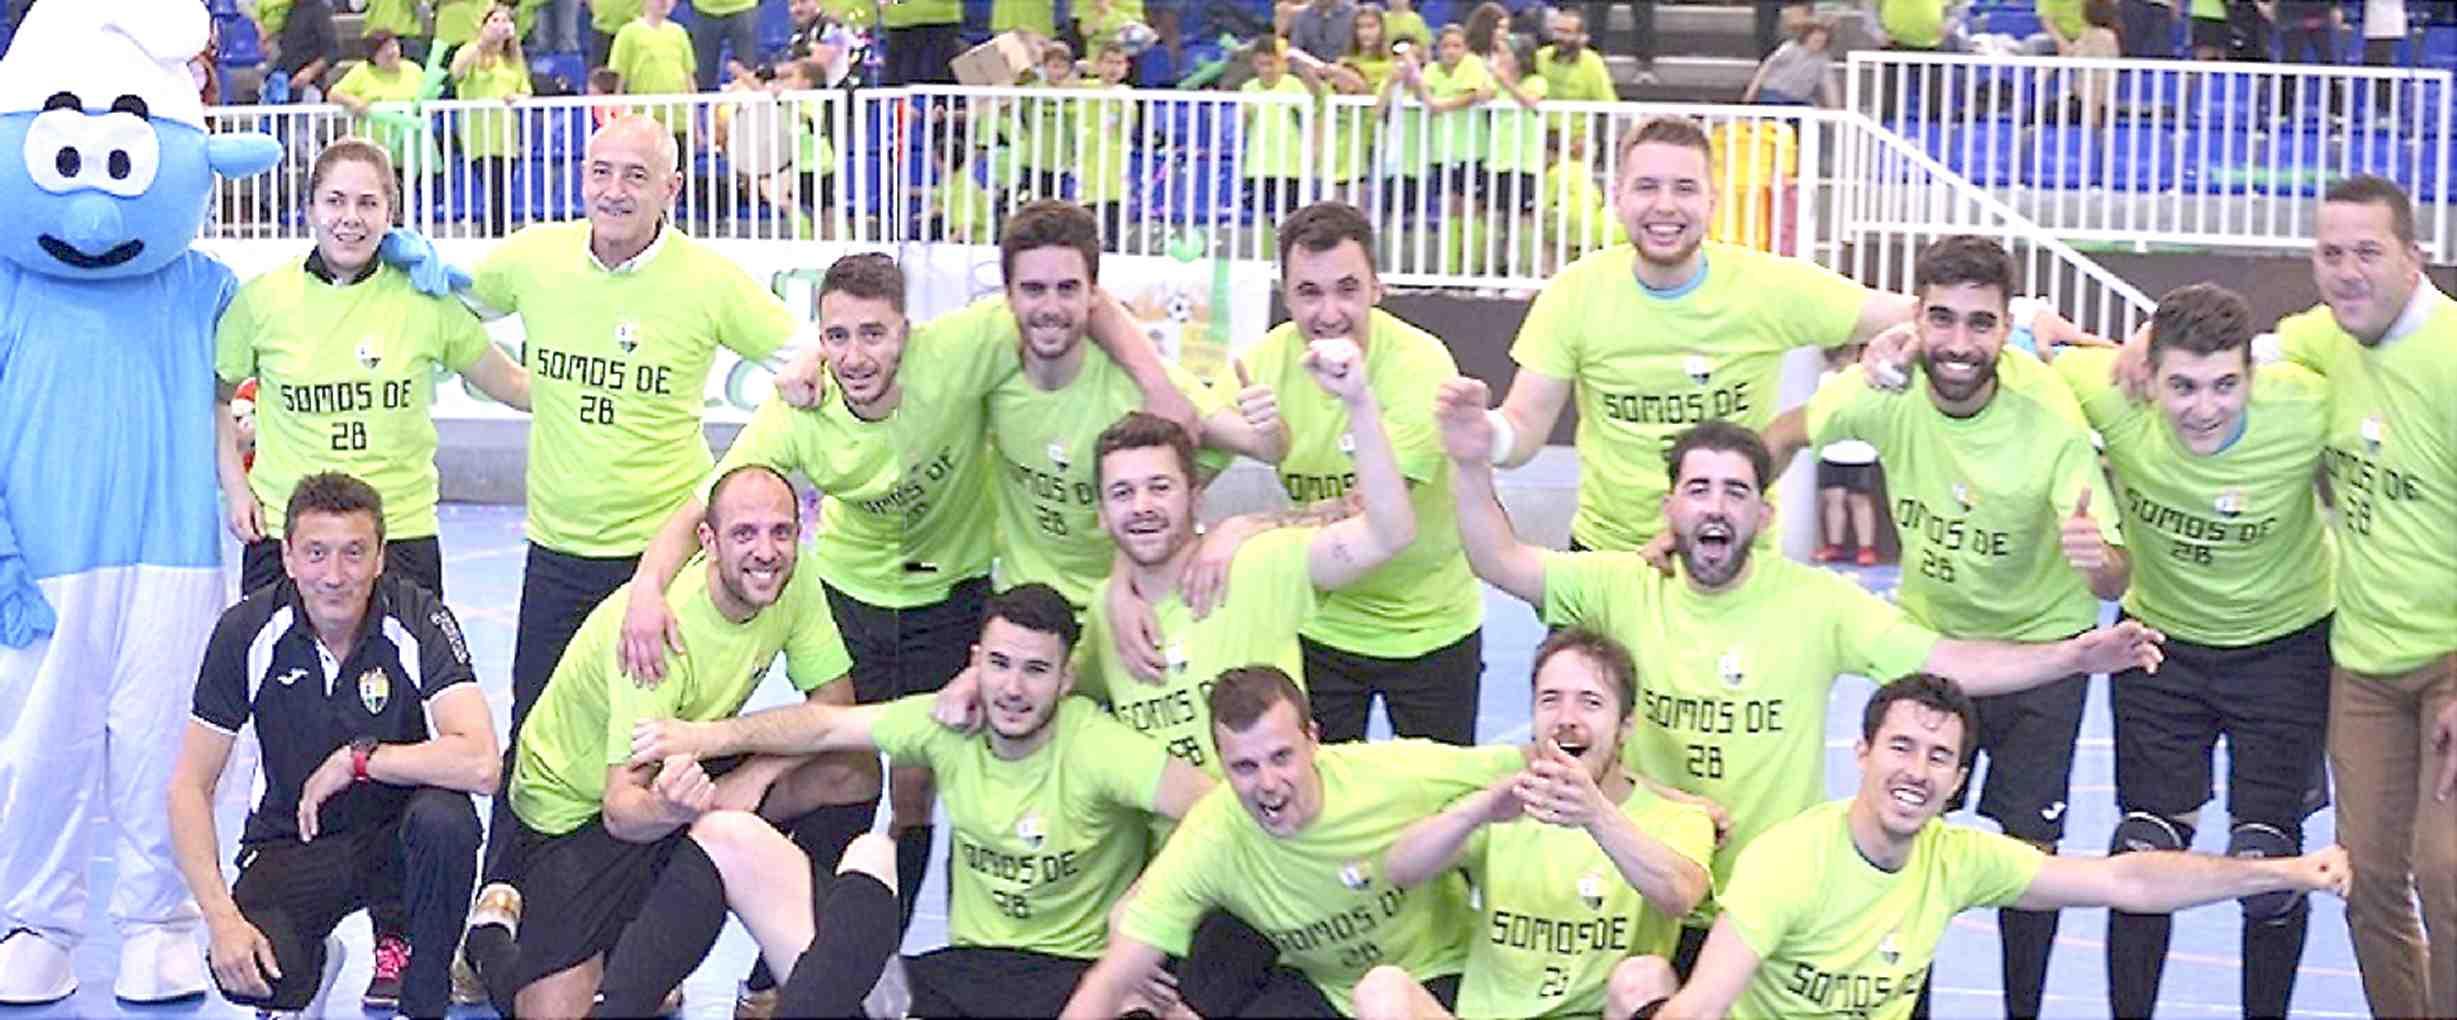 La Federació ajudarà a Futsal Ibi perquè puga disputar els seus partits de Segona B